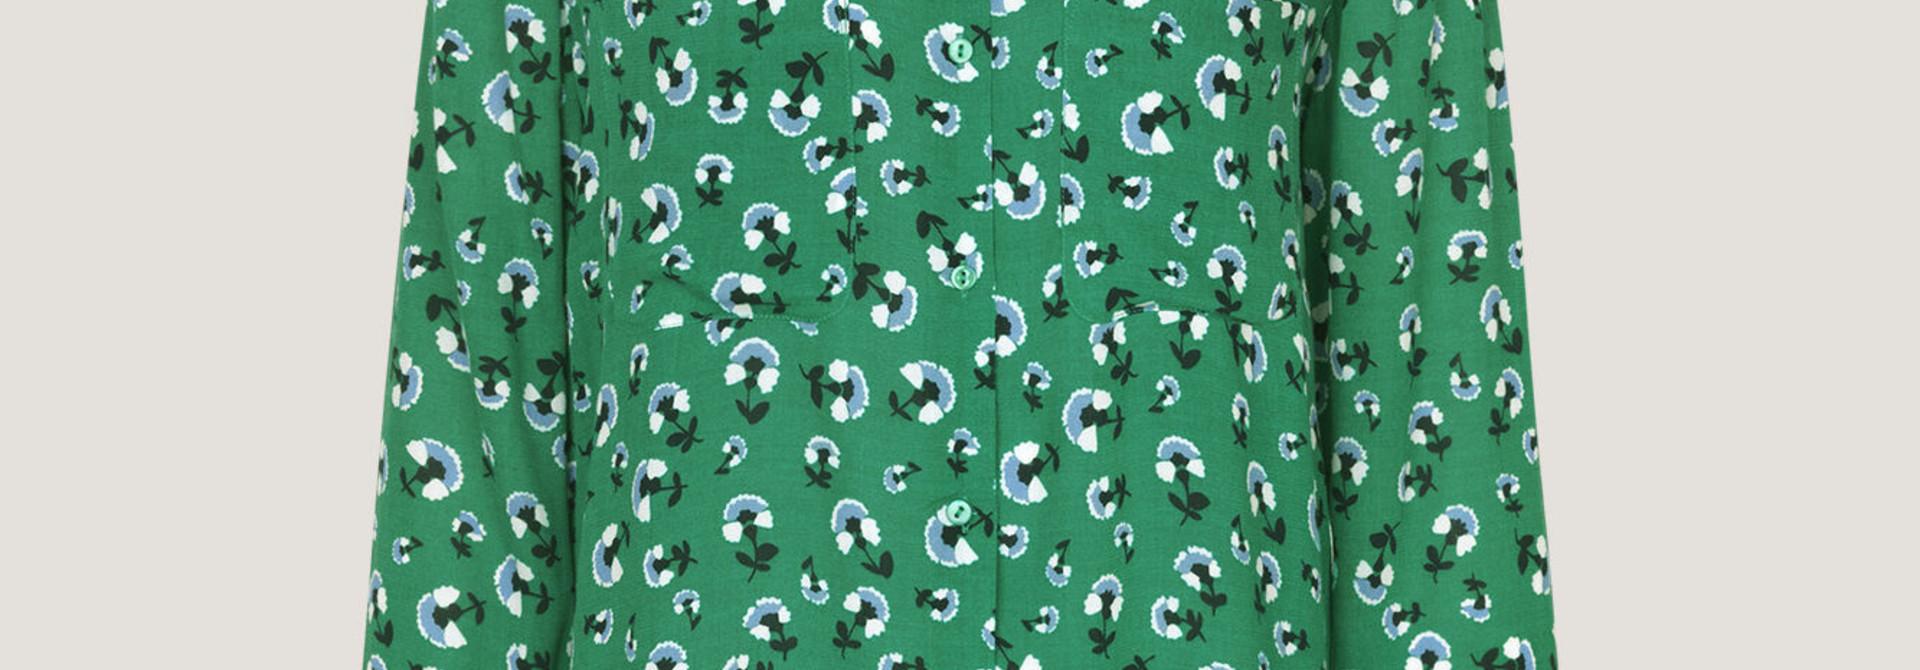 Milly shirt AOP Samsoe Samsoe